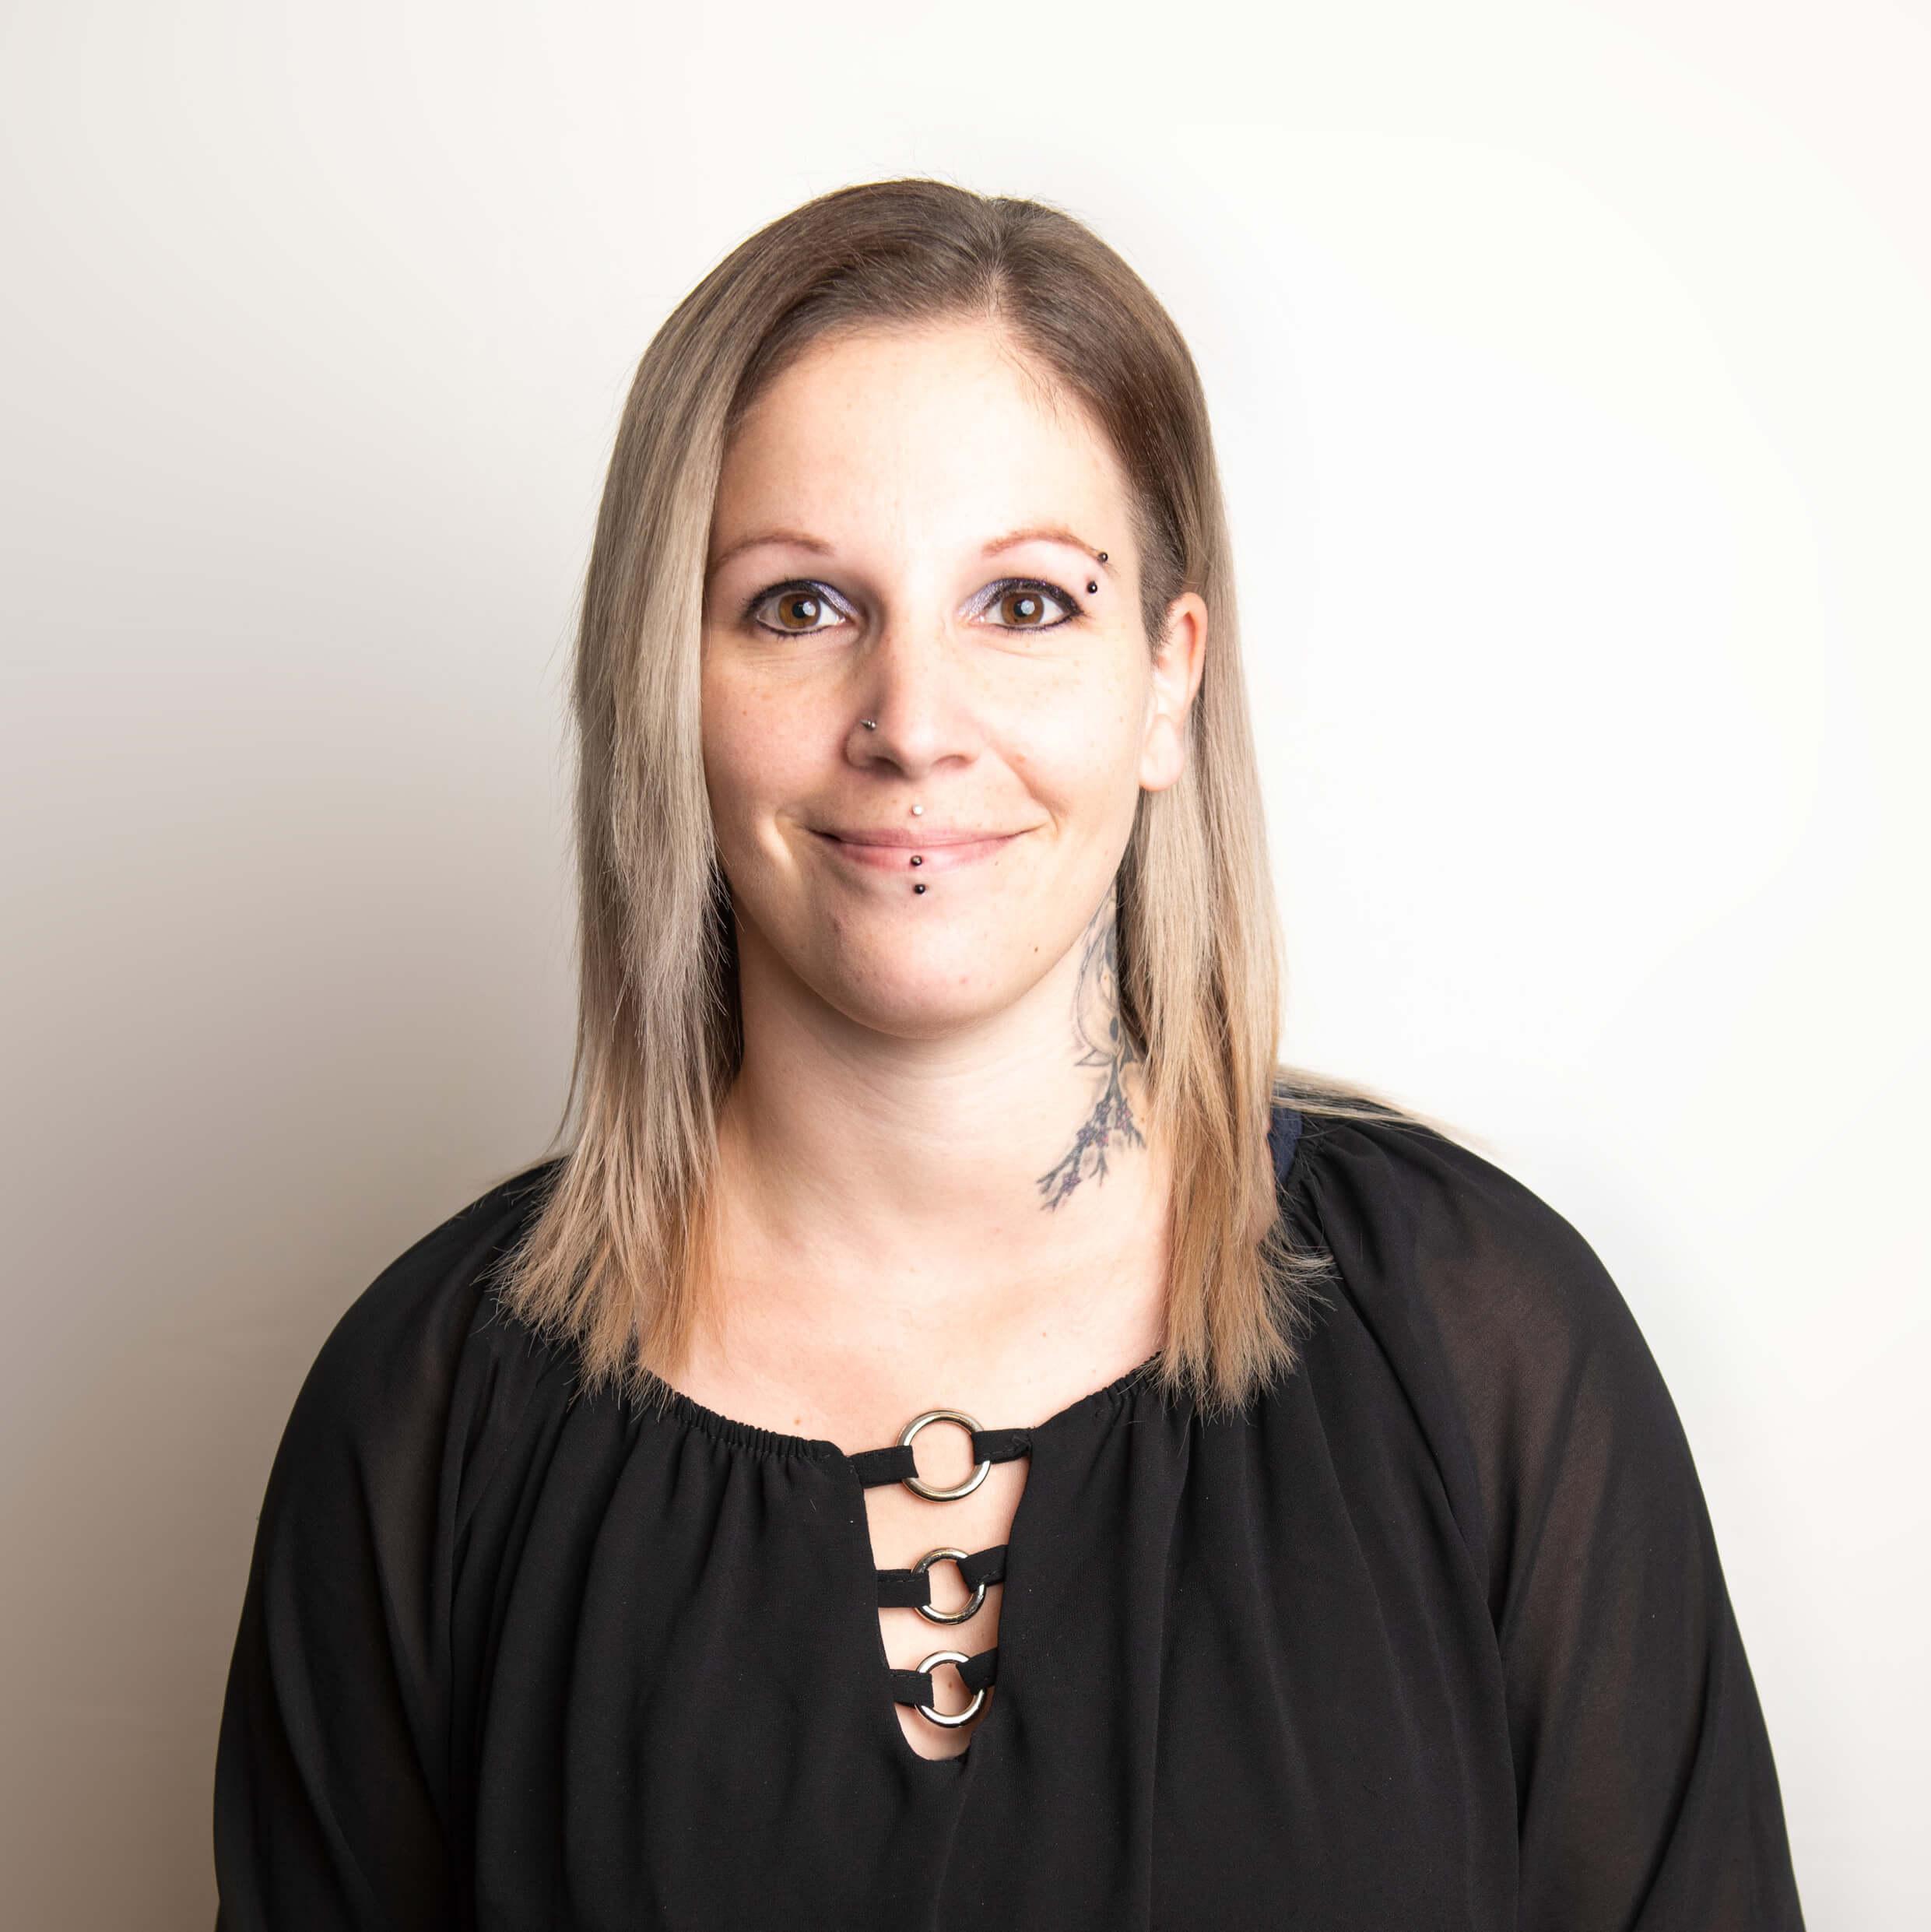 https://www.haar-werk.ch/wp-content/uploads/2020/12/Martina-Ersismann-GL.jpg